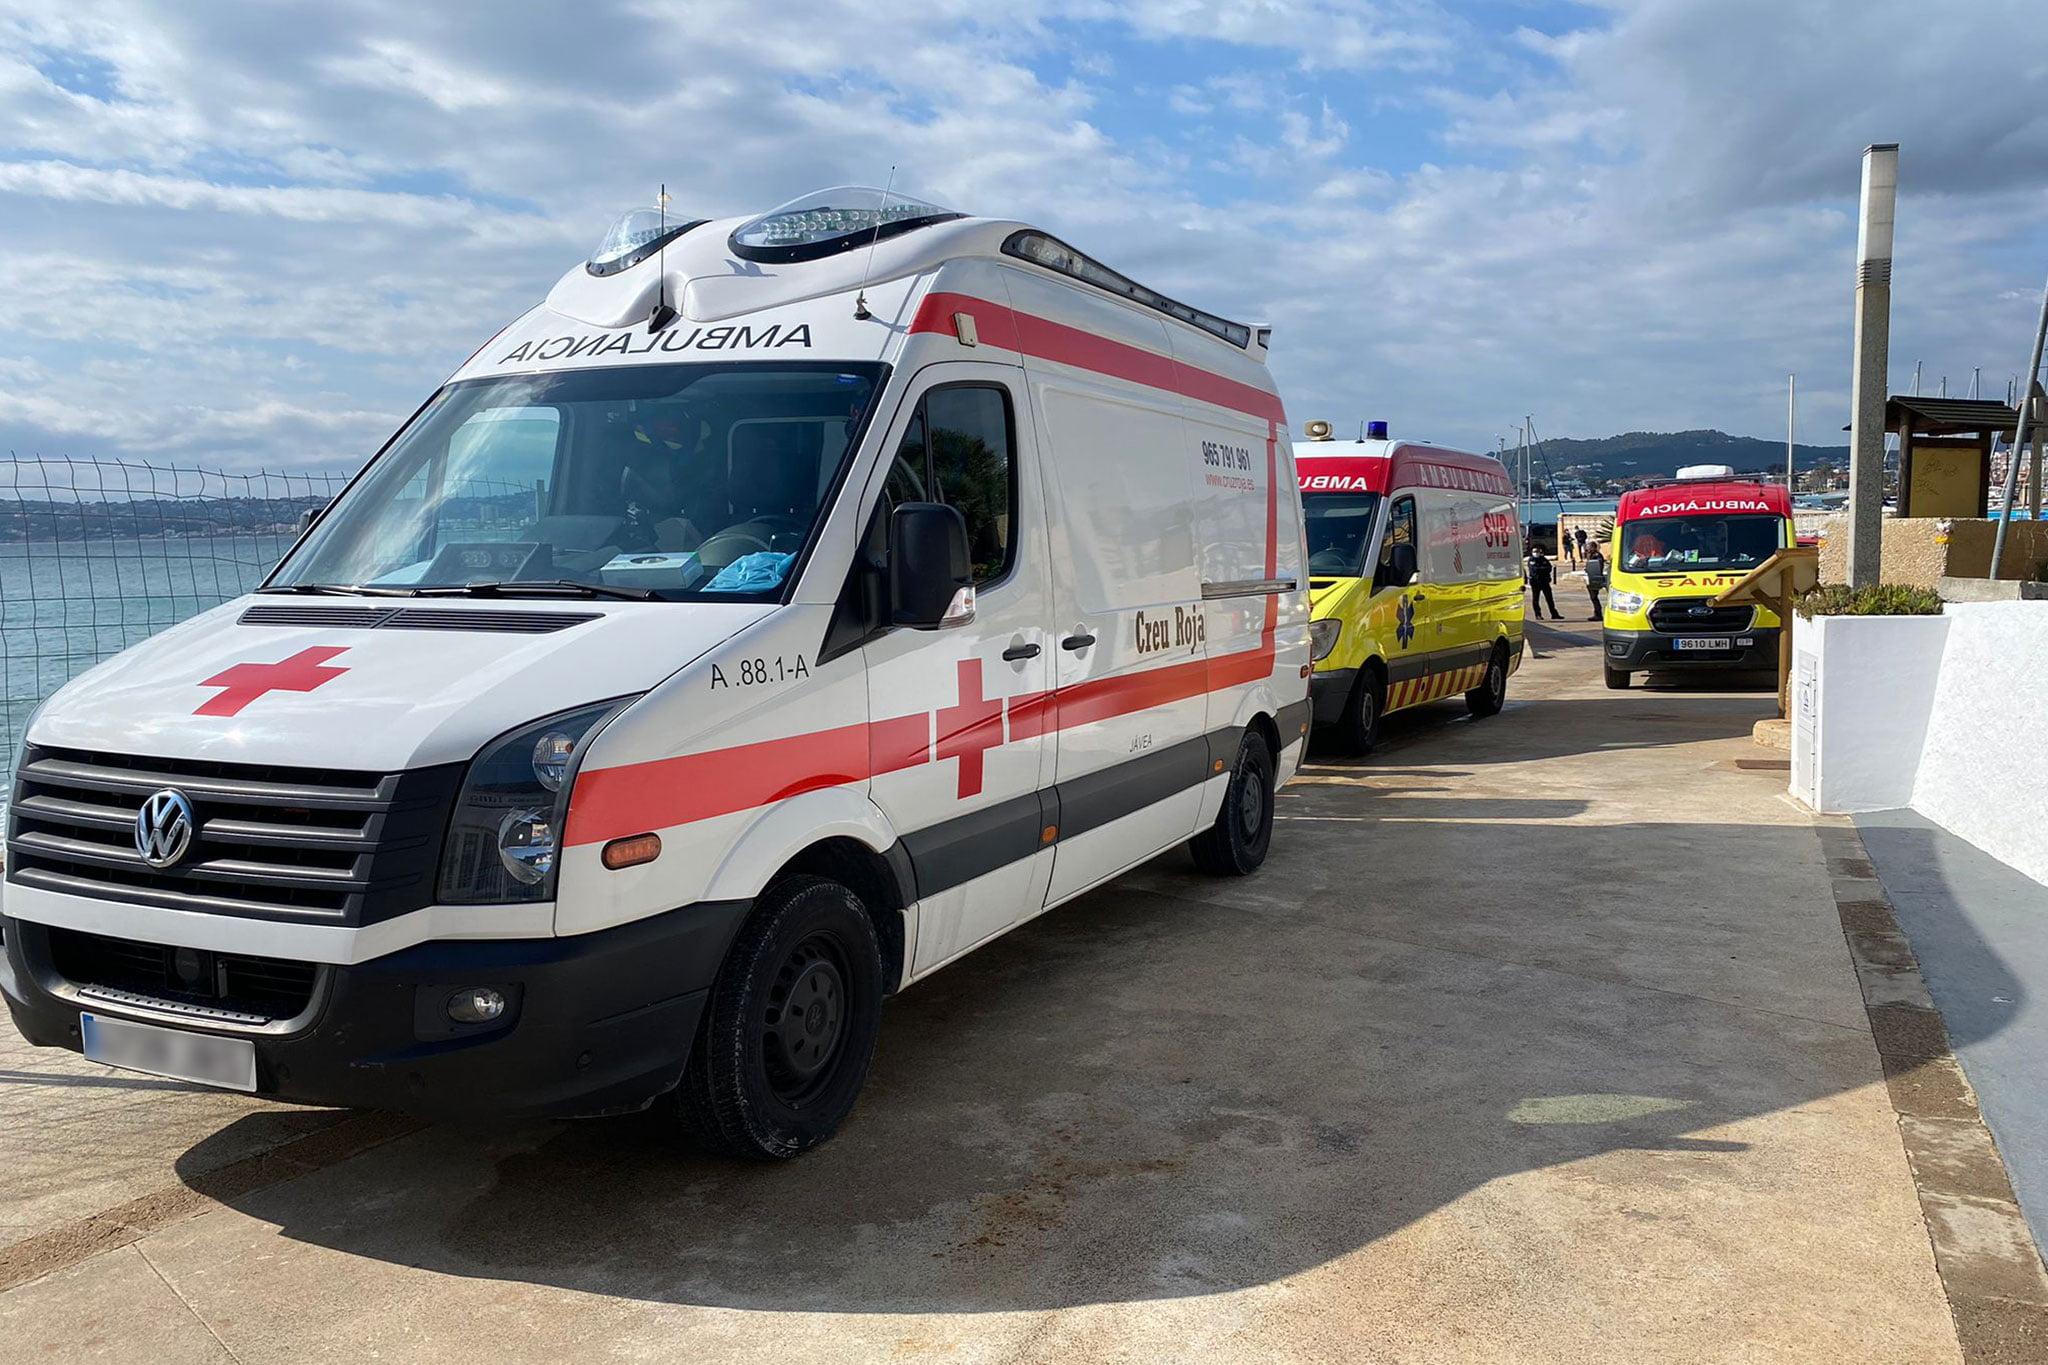 Ambulancias desplegadas en el lugar del suceso en Xàbia